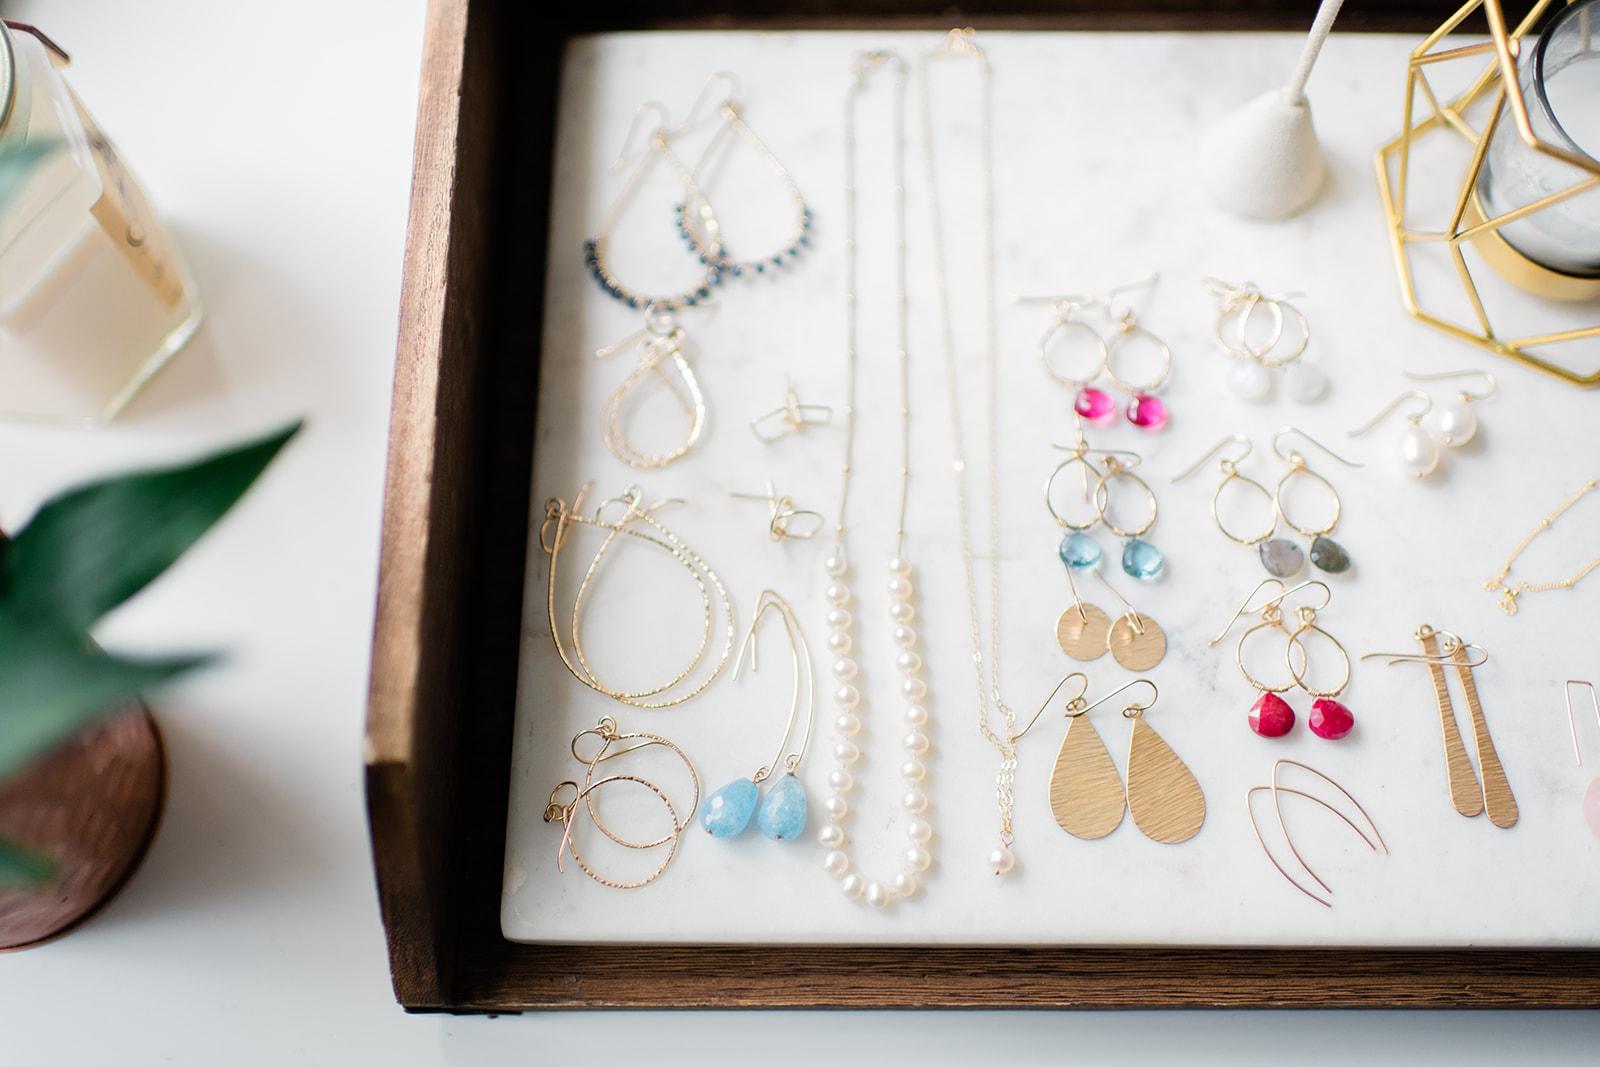 amelia-lawrence-jewelry-260.jpg